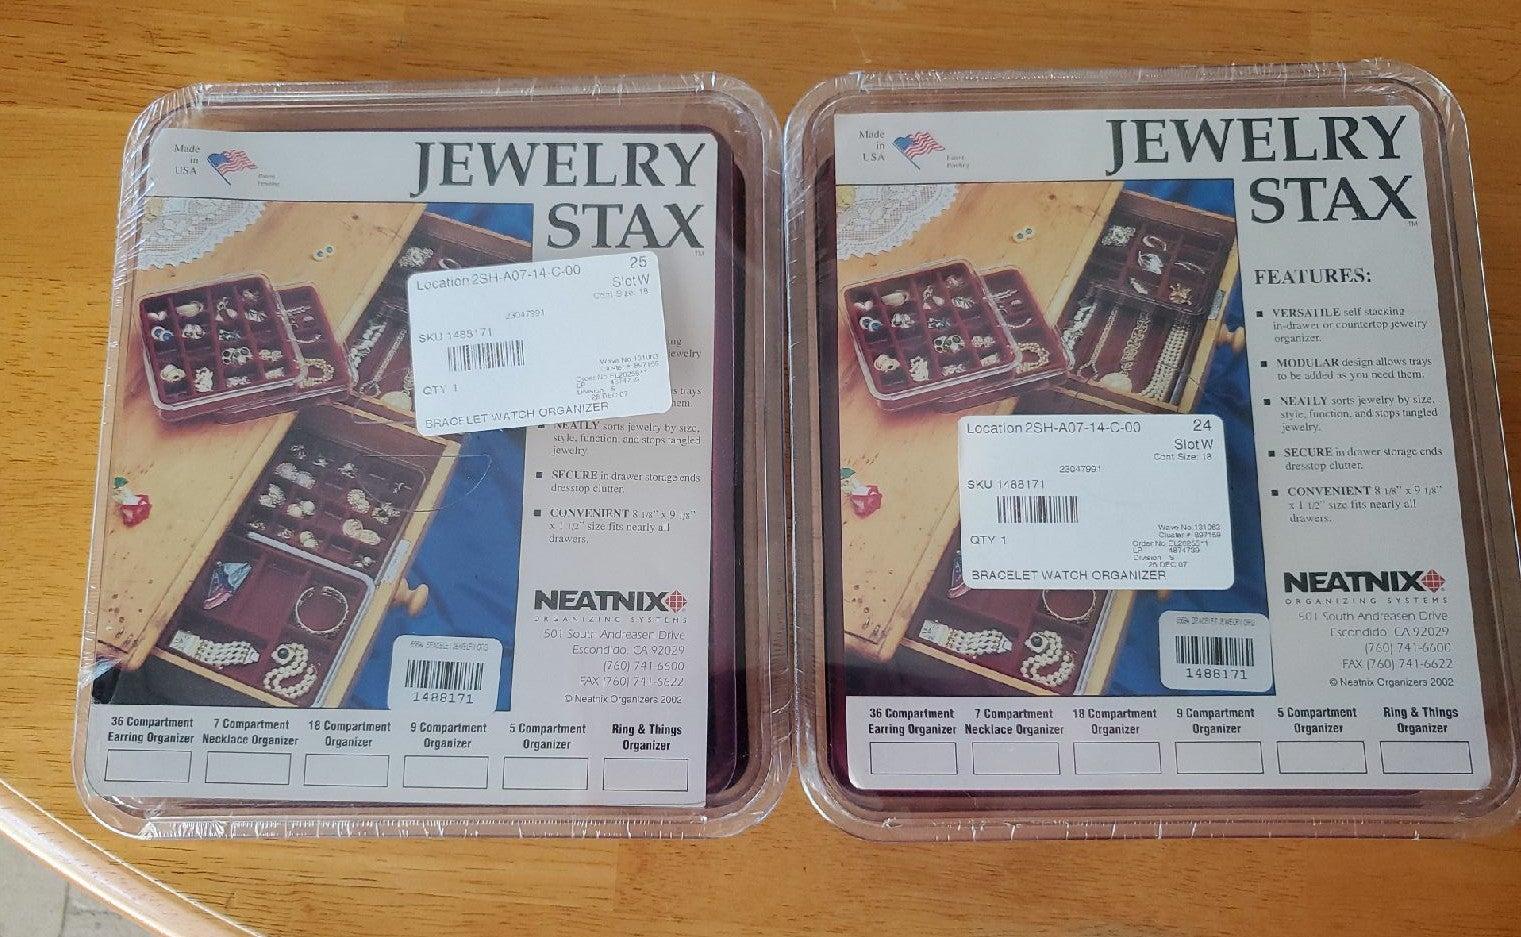 Jewelry Stax Organizer